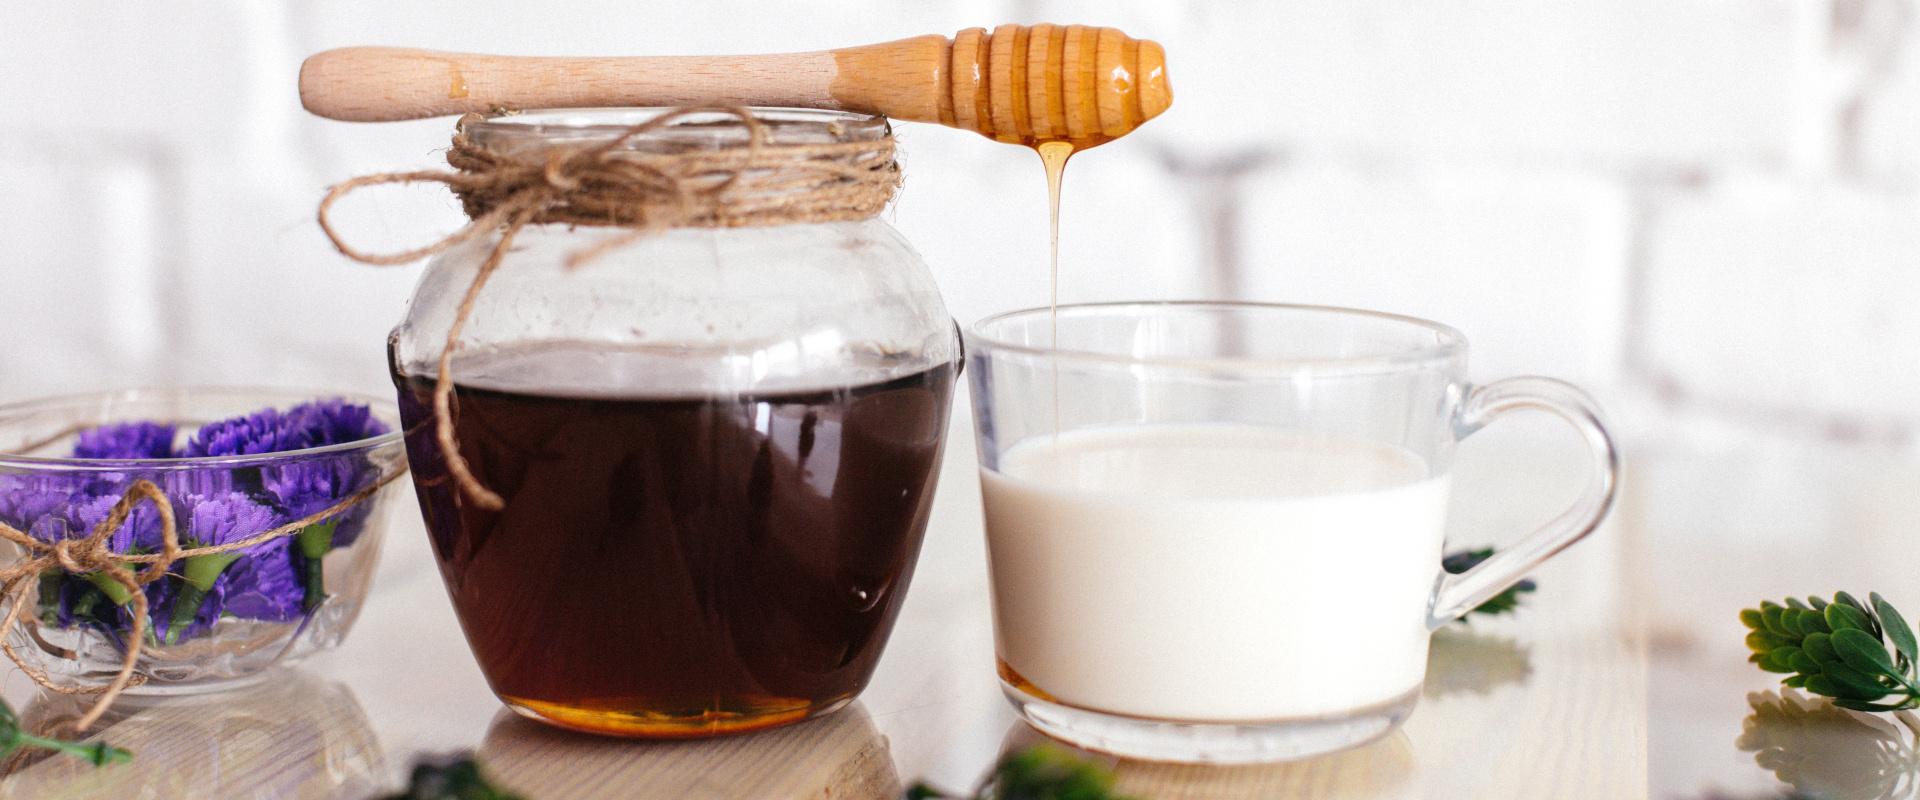 tej és méz cover